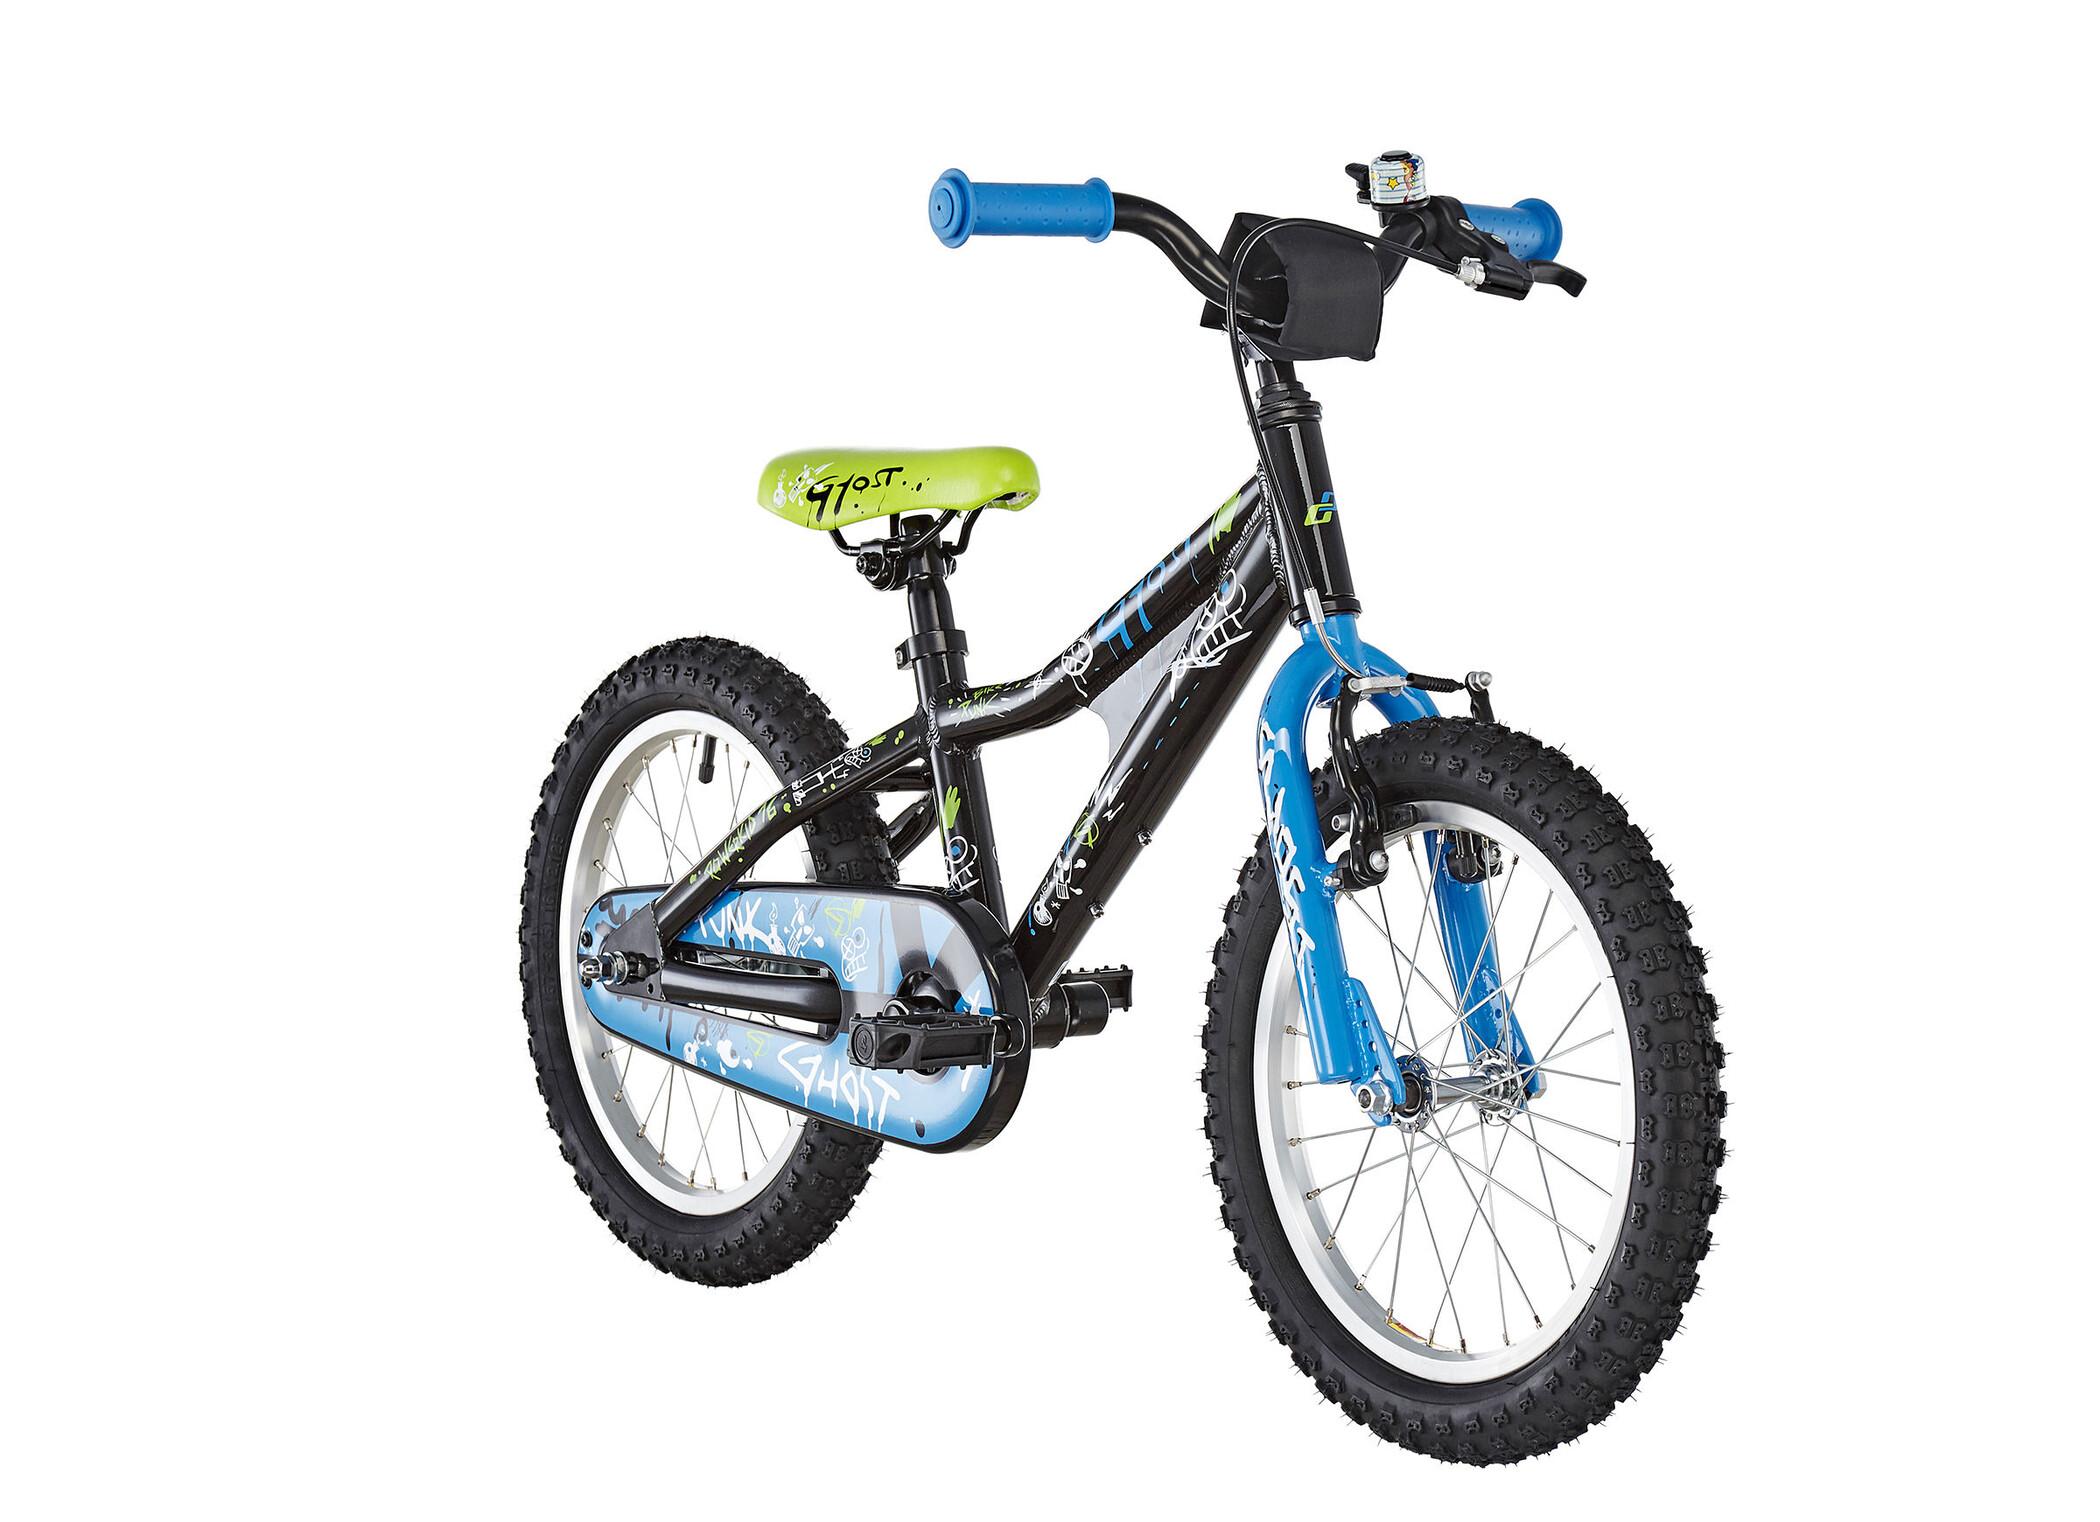 Ghost Powerkid AL 16 Børn, night black/riot blue/star white | City-cykler